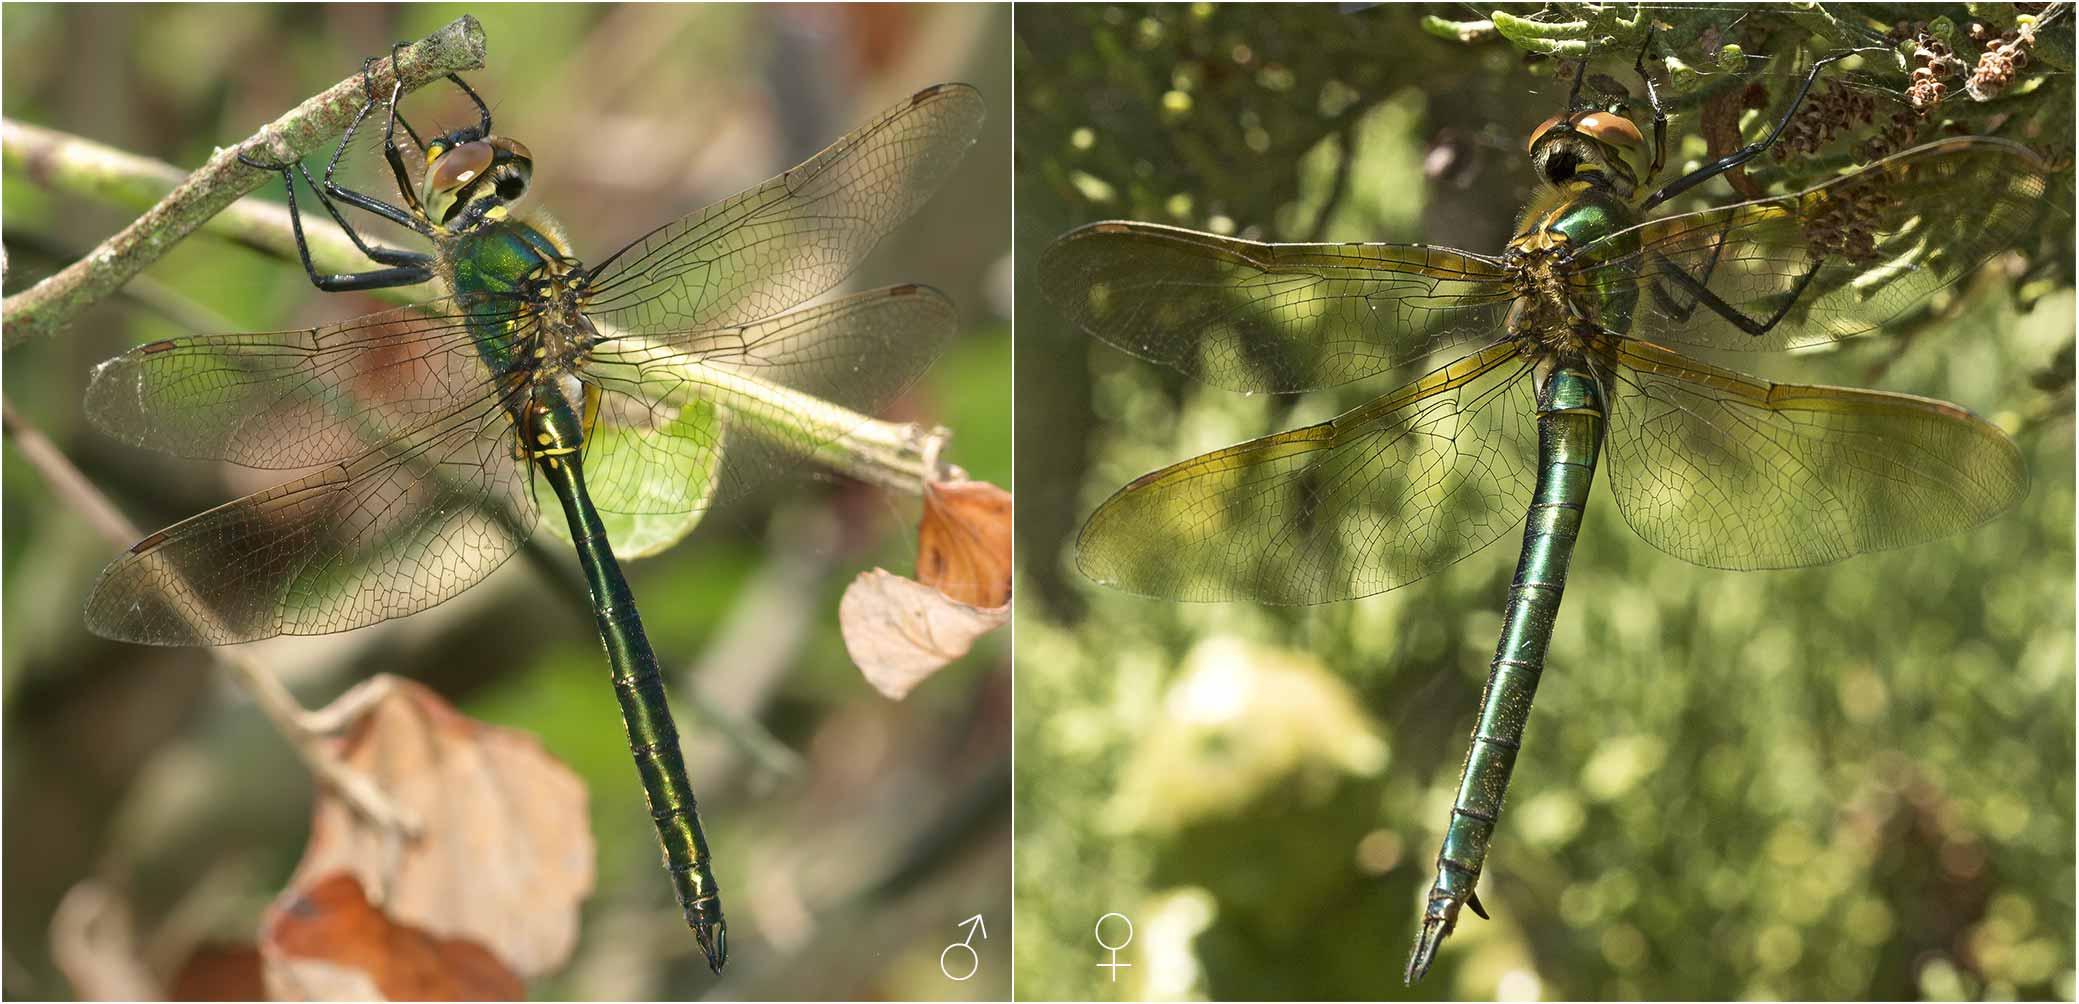 Somatochlora metallica mâle et femelle, FranceSomatochlora metallica mâle et femelle, France